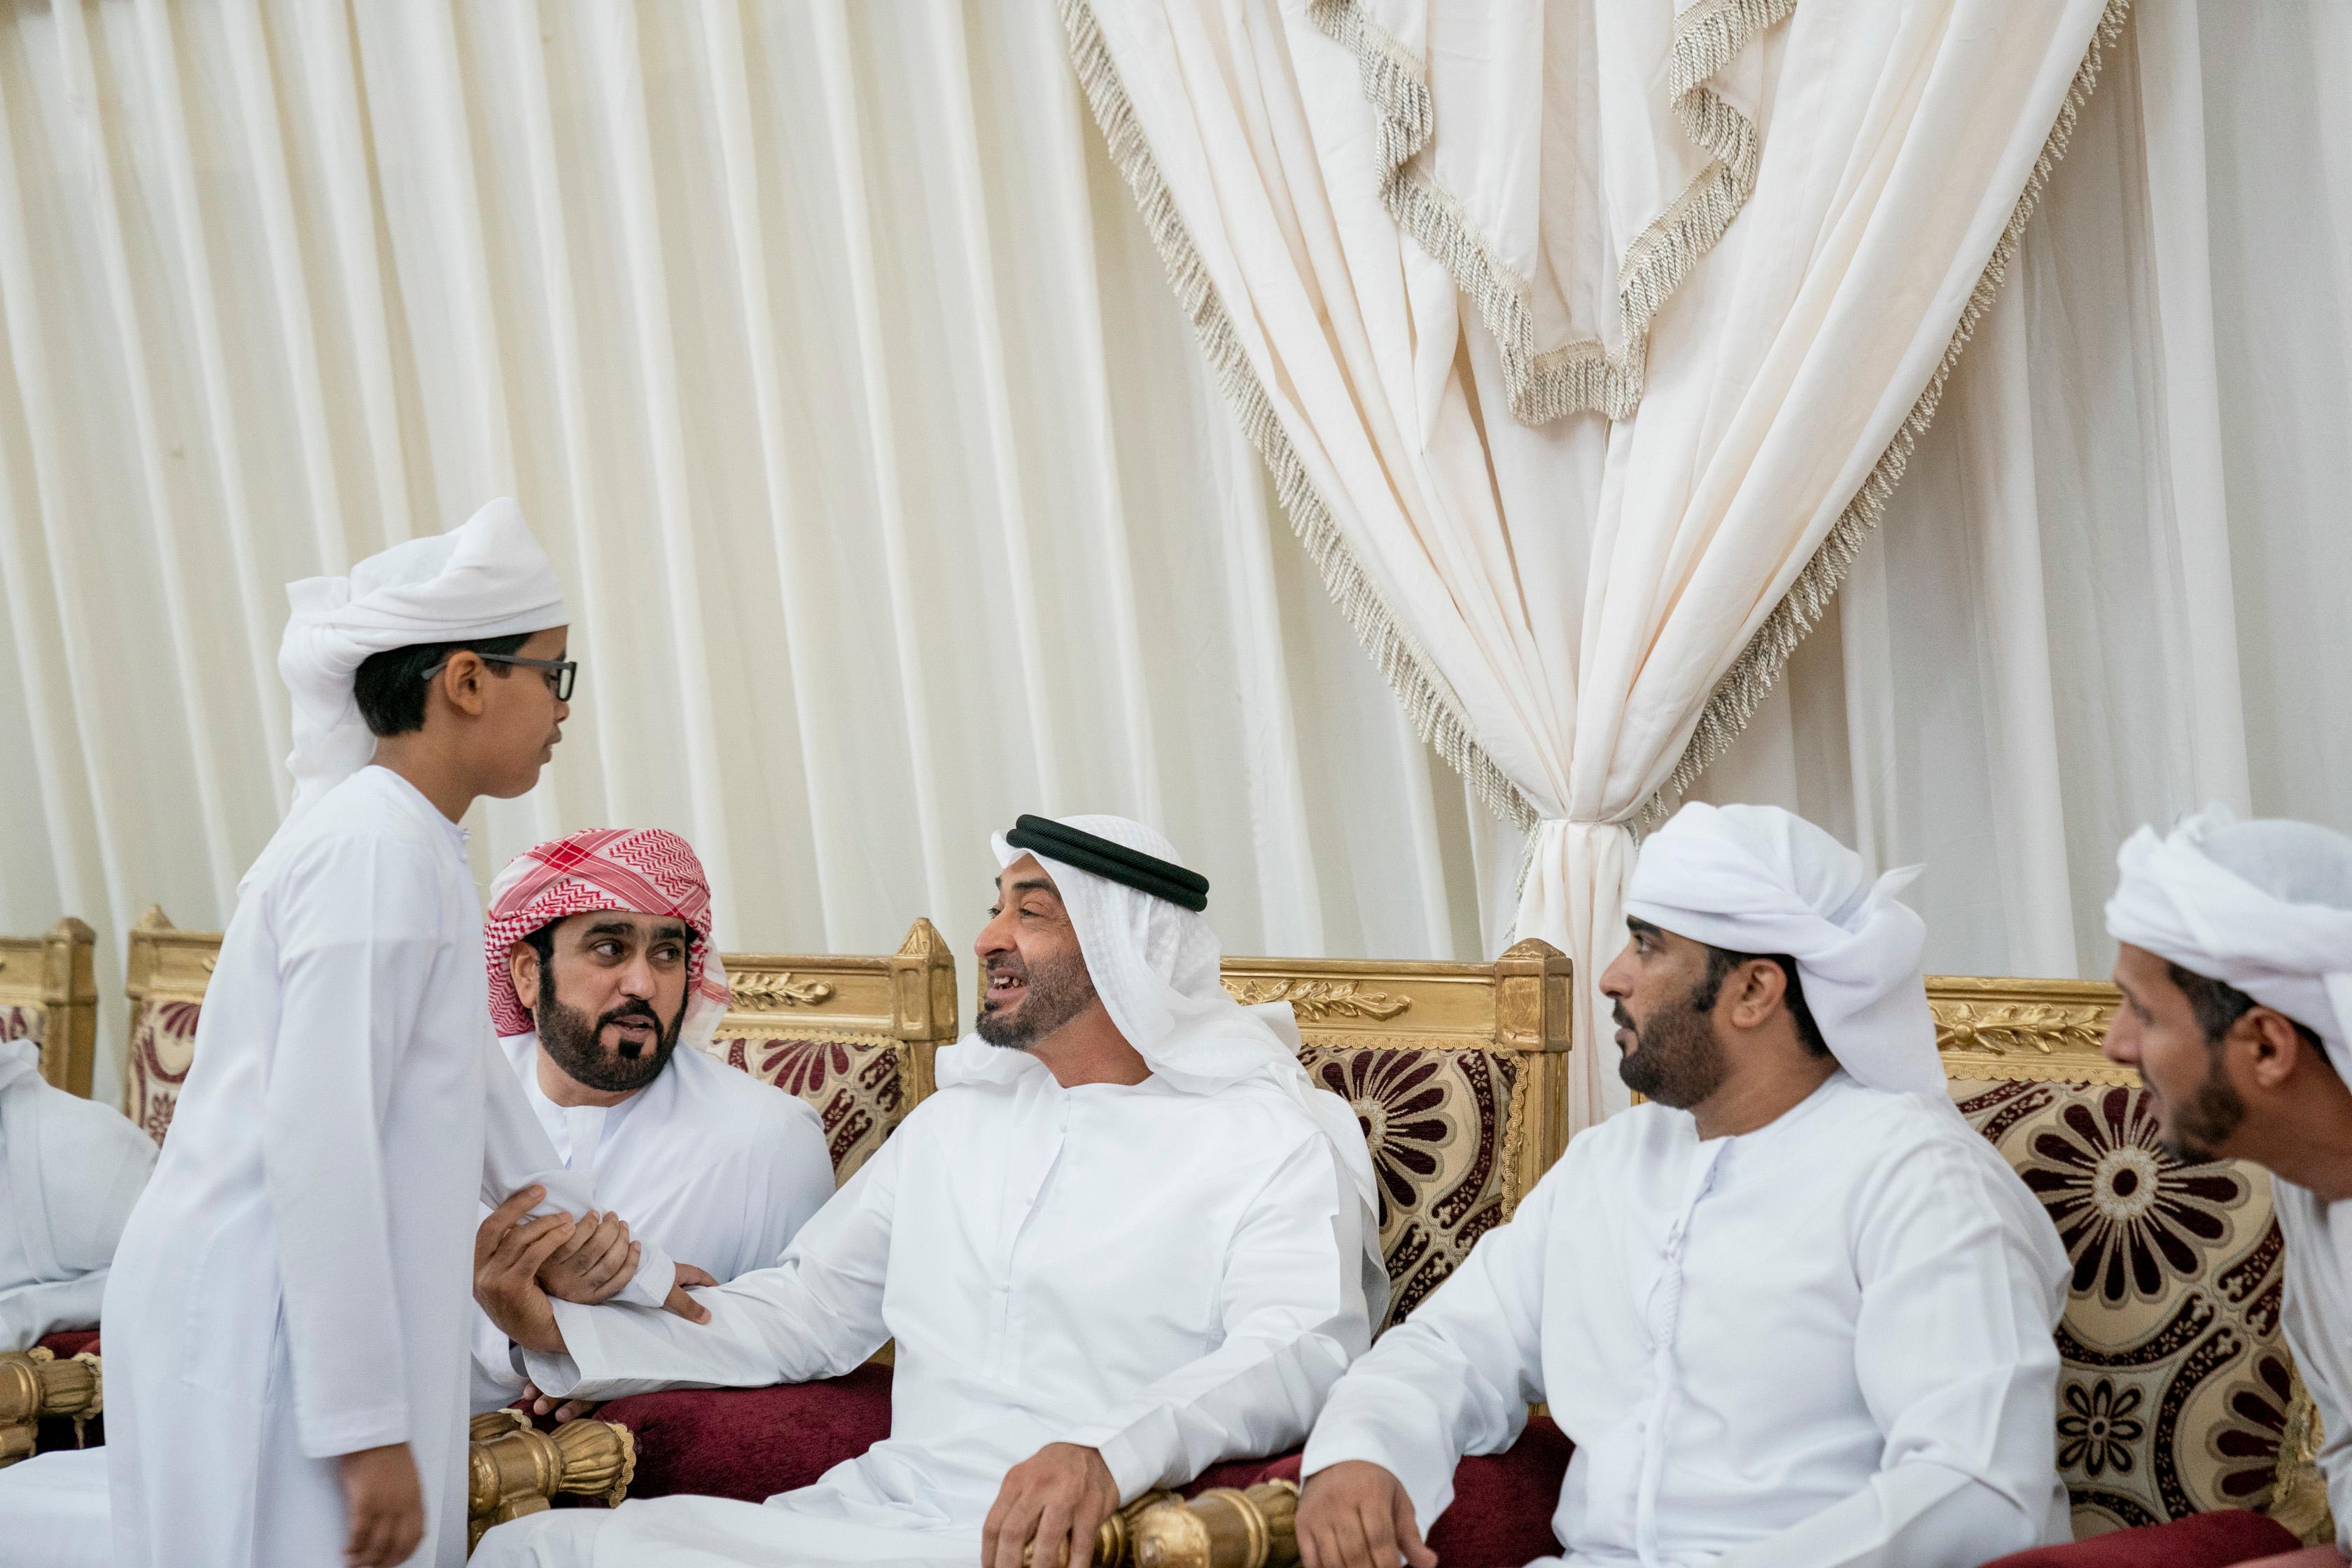 خلفيات : الشيخ محمد بن زايد في عزا الشهداء